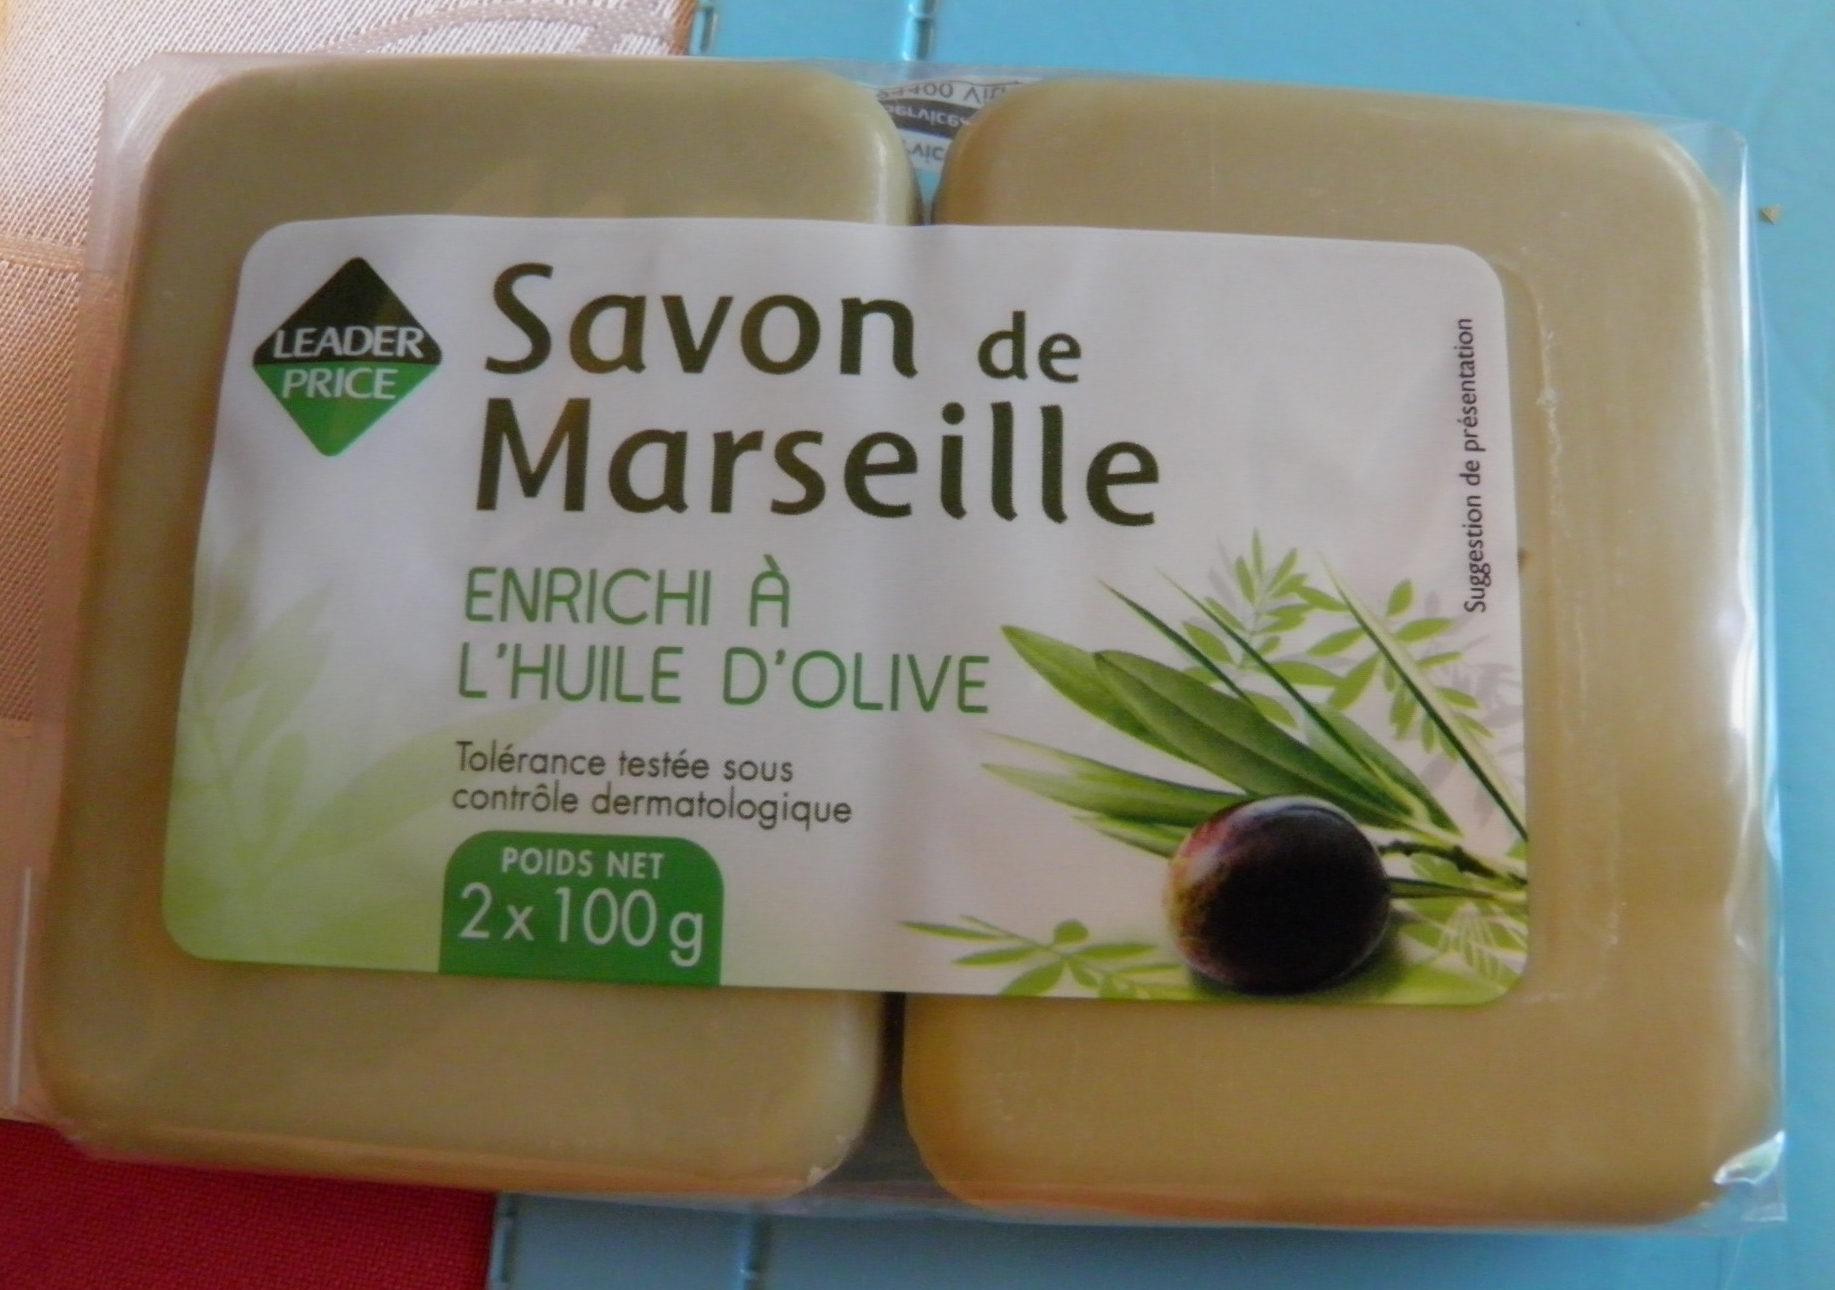 Savon de Marseille enrichi à l'huile d'olive - Product - fr